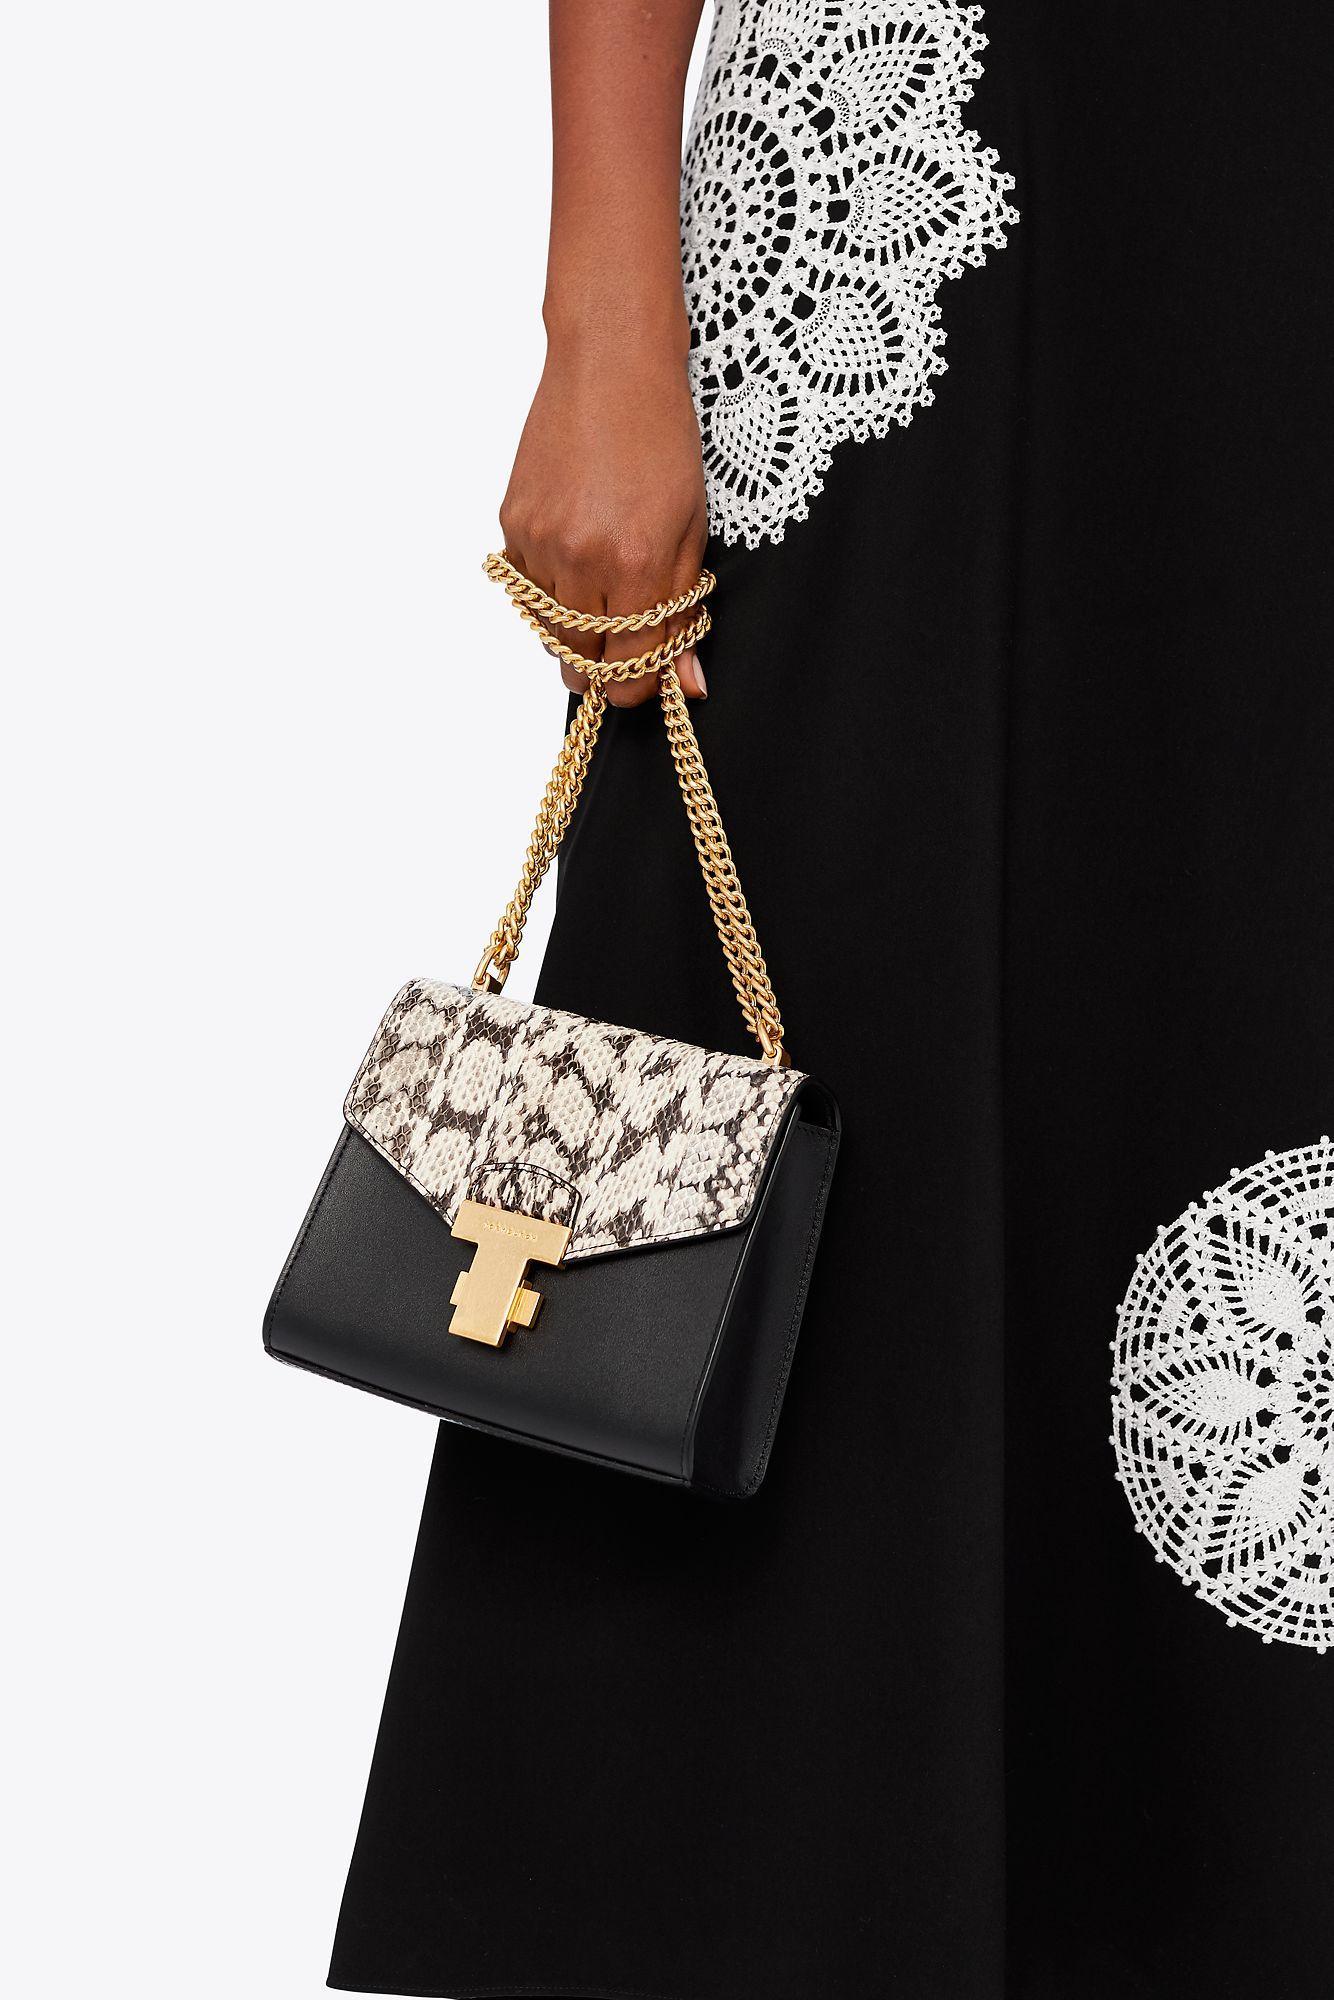 b34a5628c837f Tory Burch - Black Juliette Exotic Chain Mini Bag